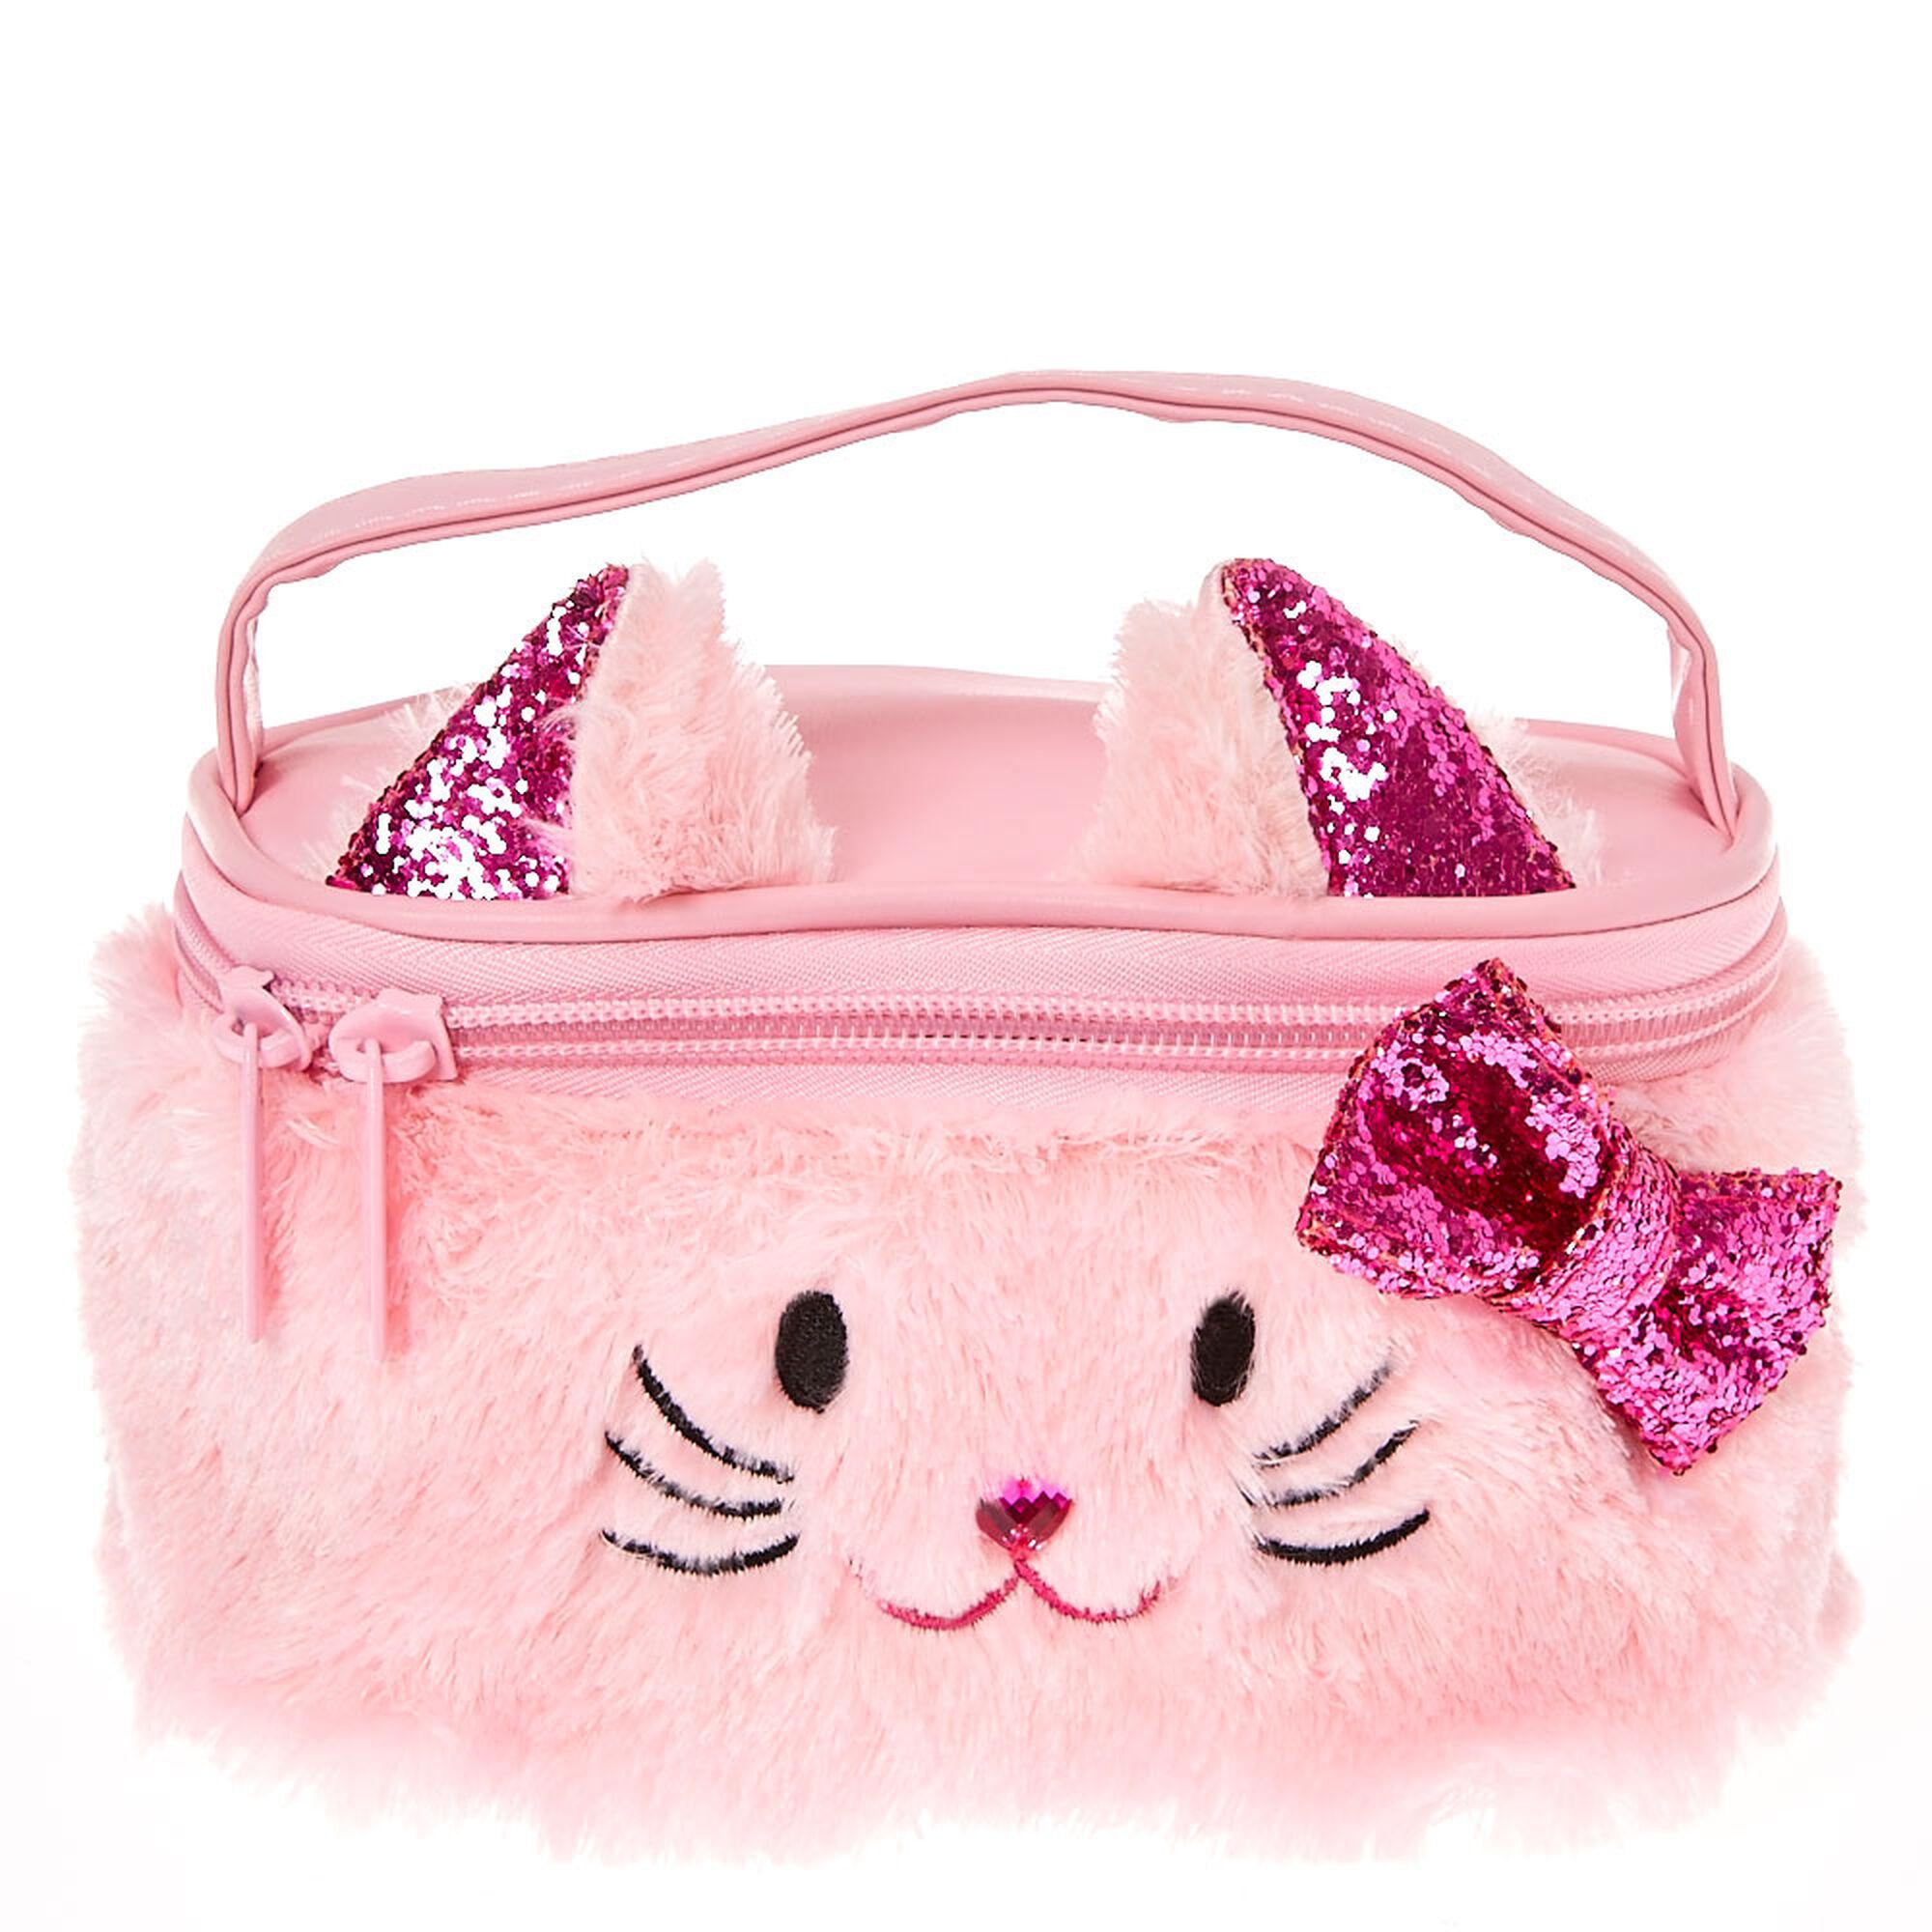 Plush Avery The Cat Makeup Bag Pink